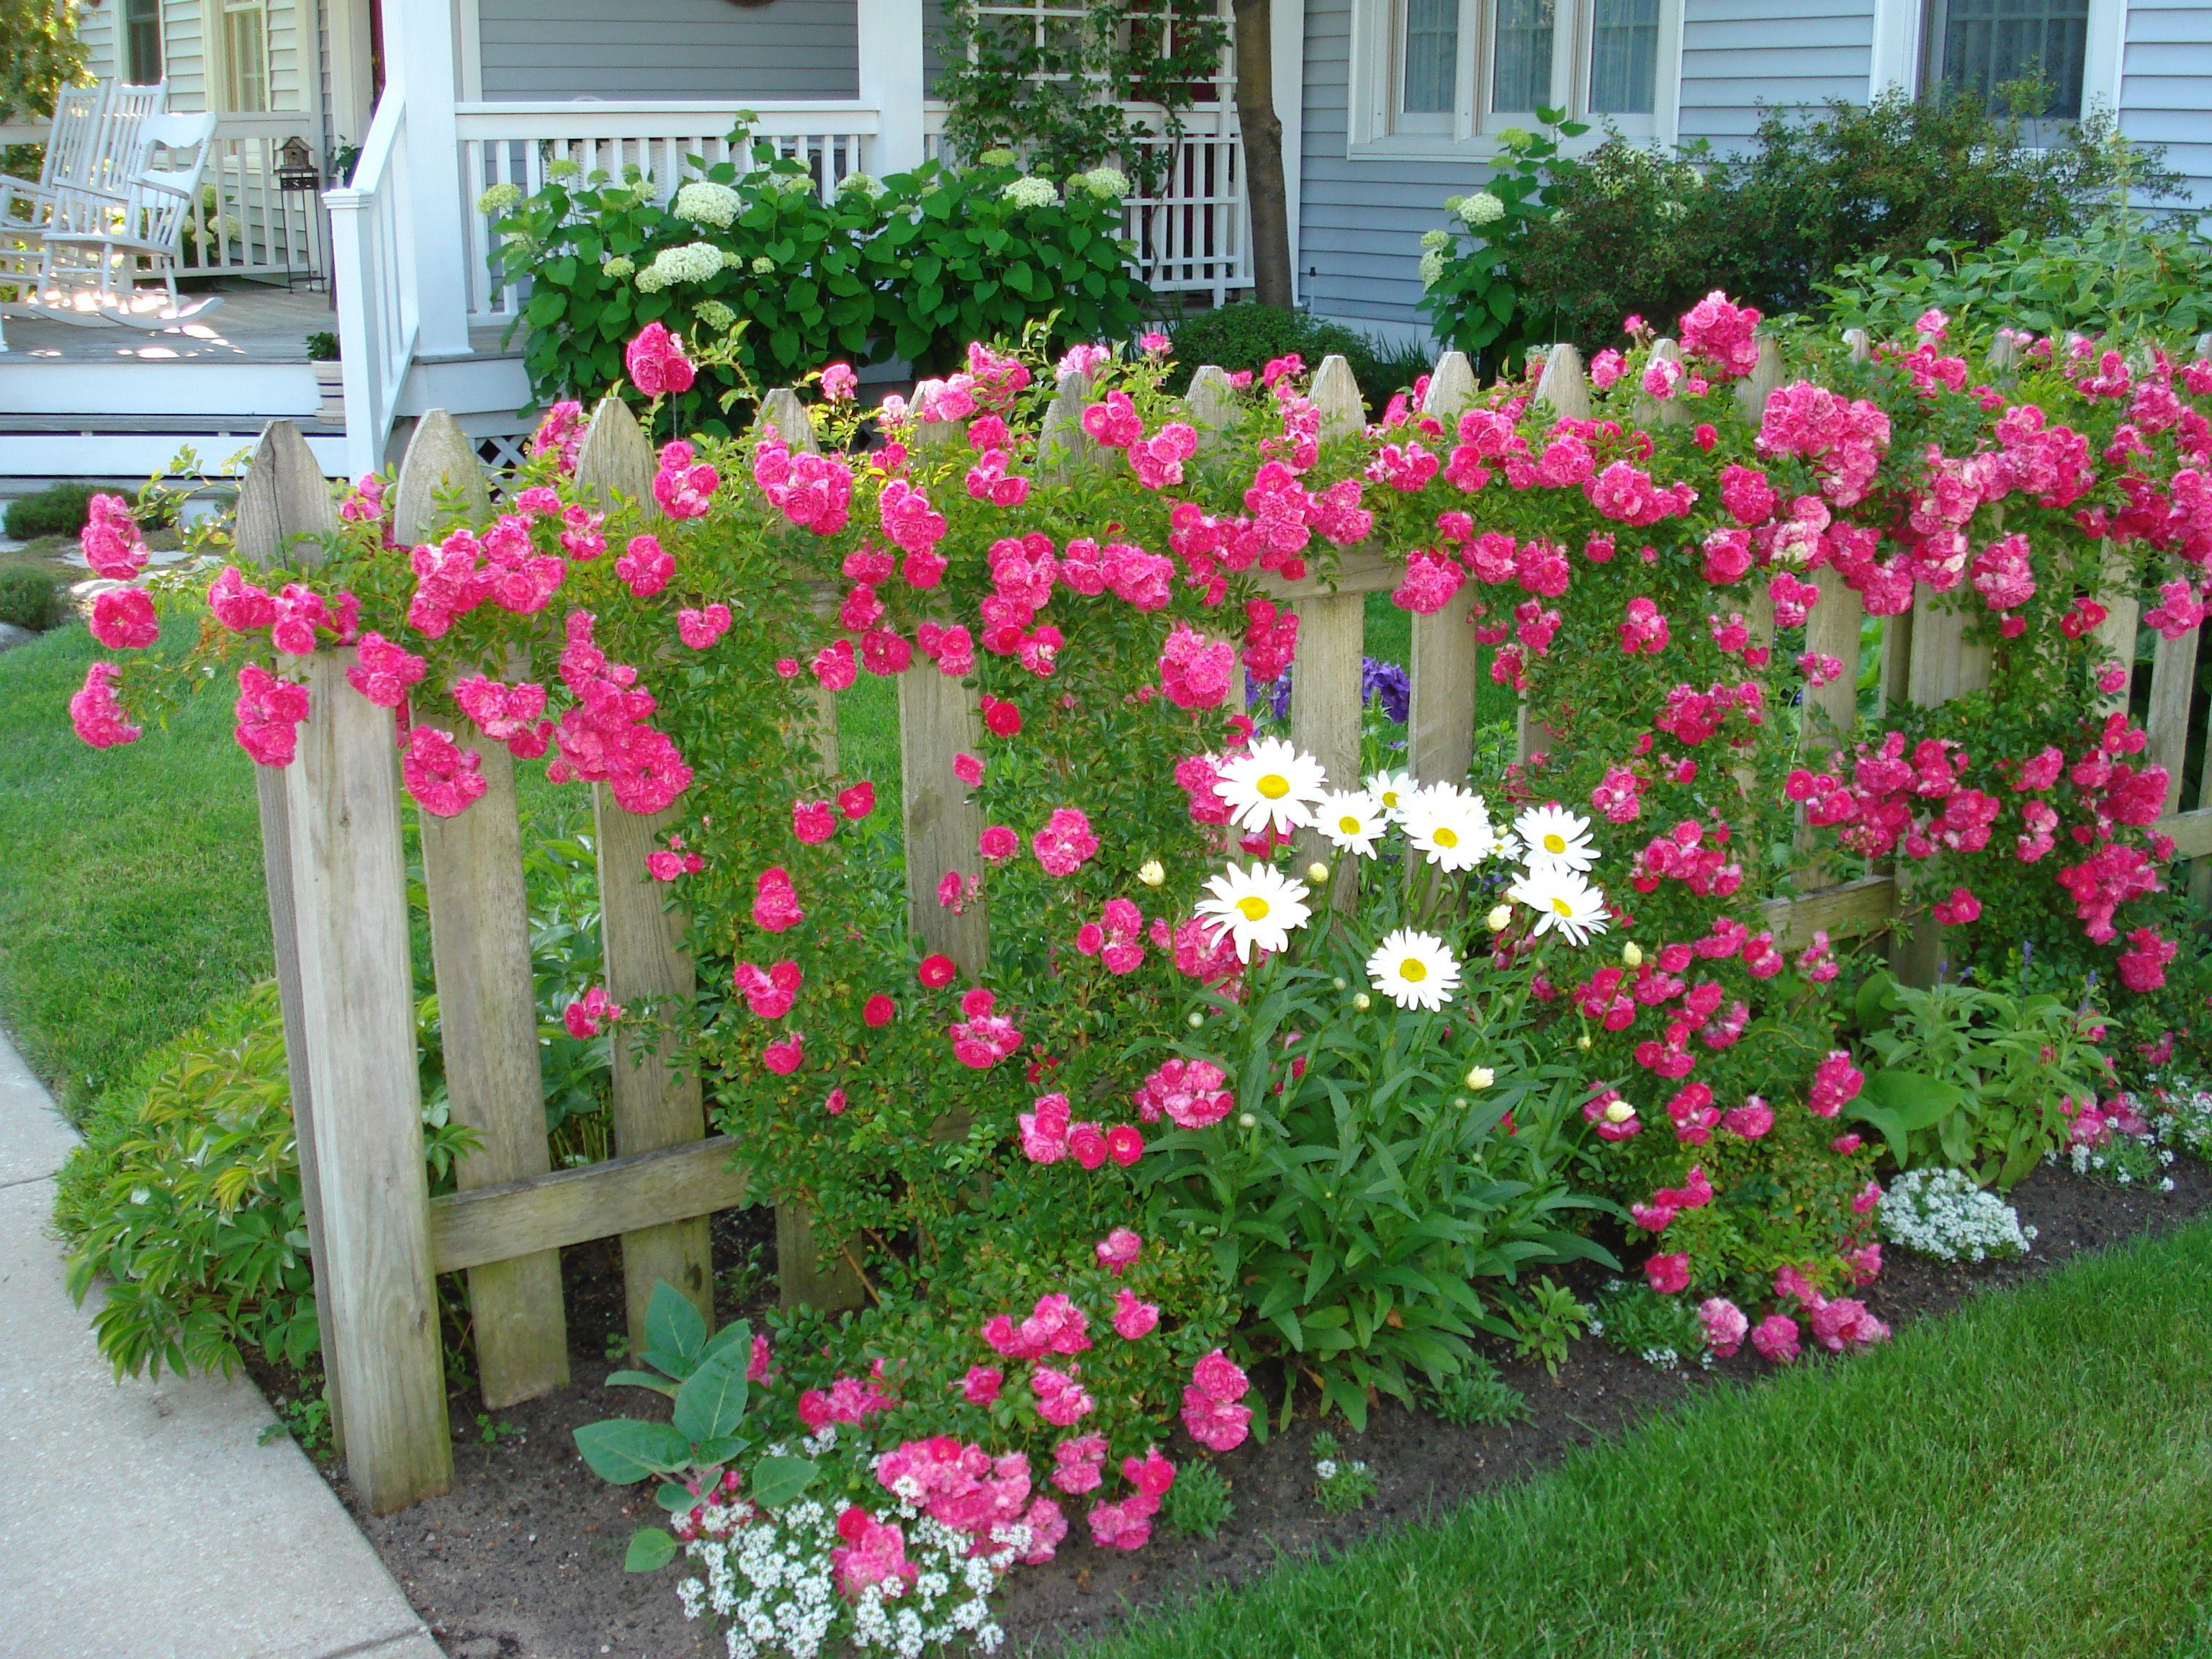 pentwater roses garten pinterest g rten sch ne g rten und garten pflanzen. Black Bedroom Furniture Sets. Home Design Ideas